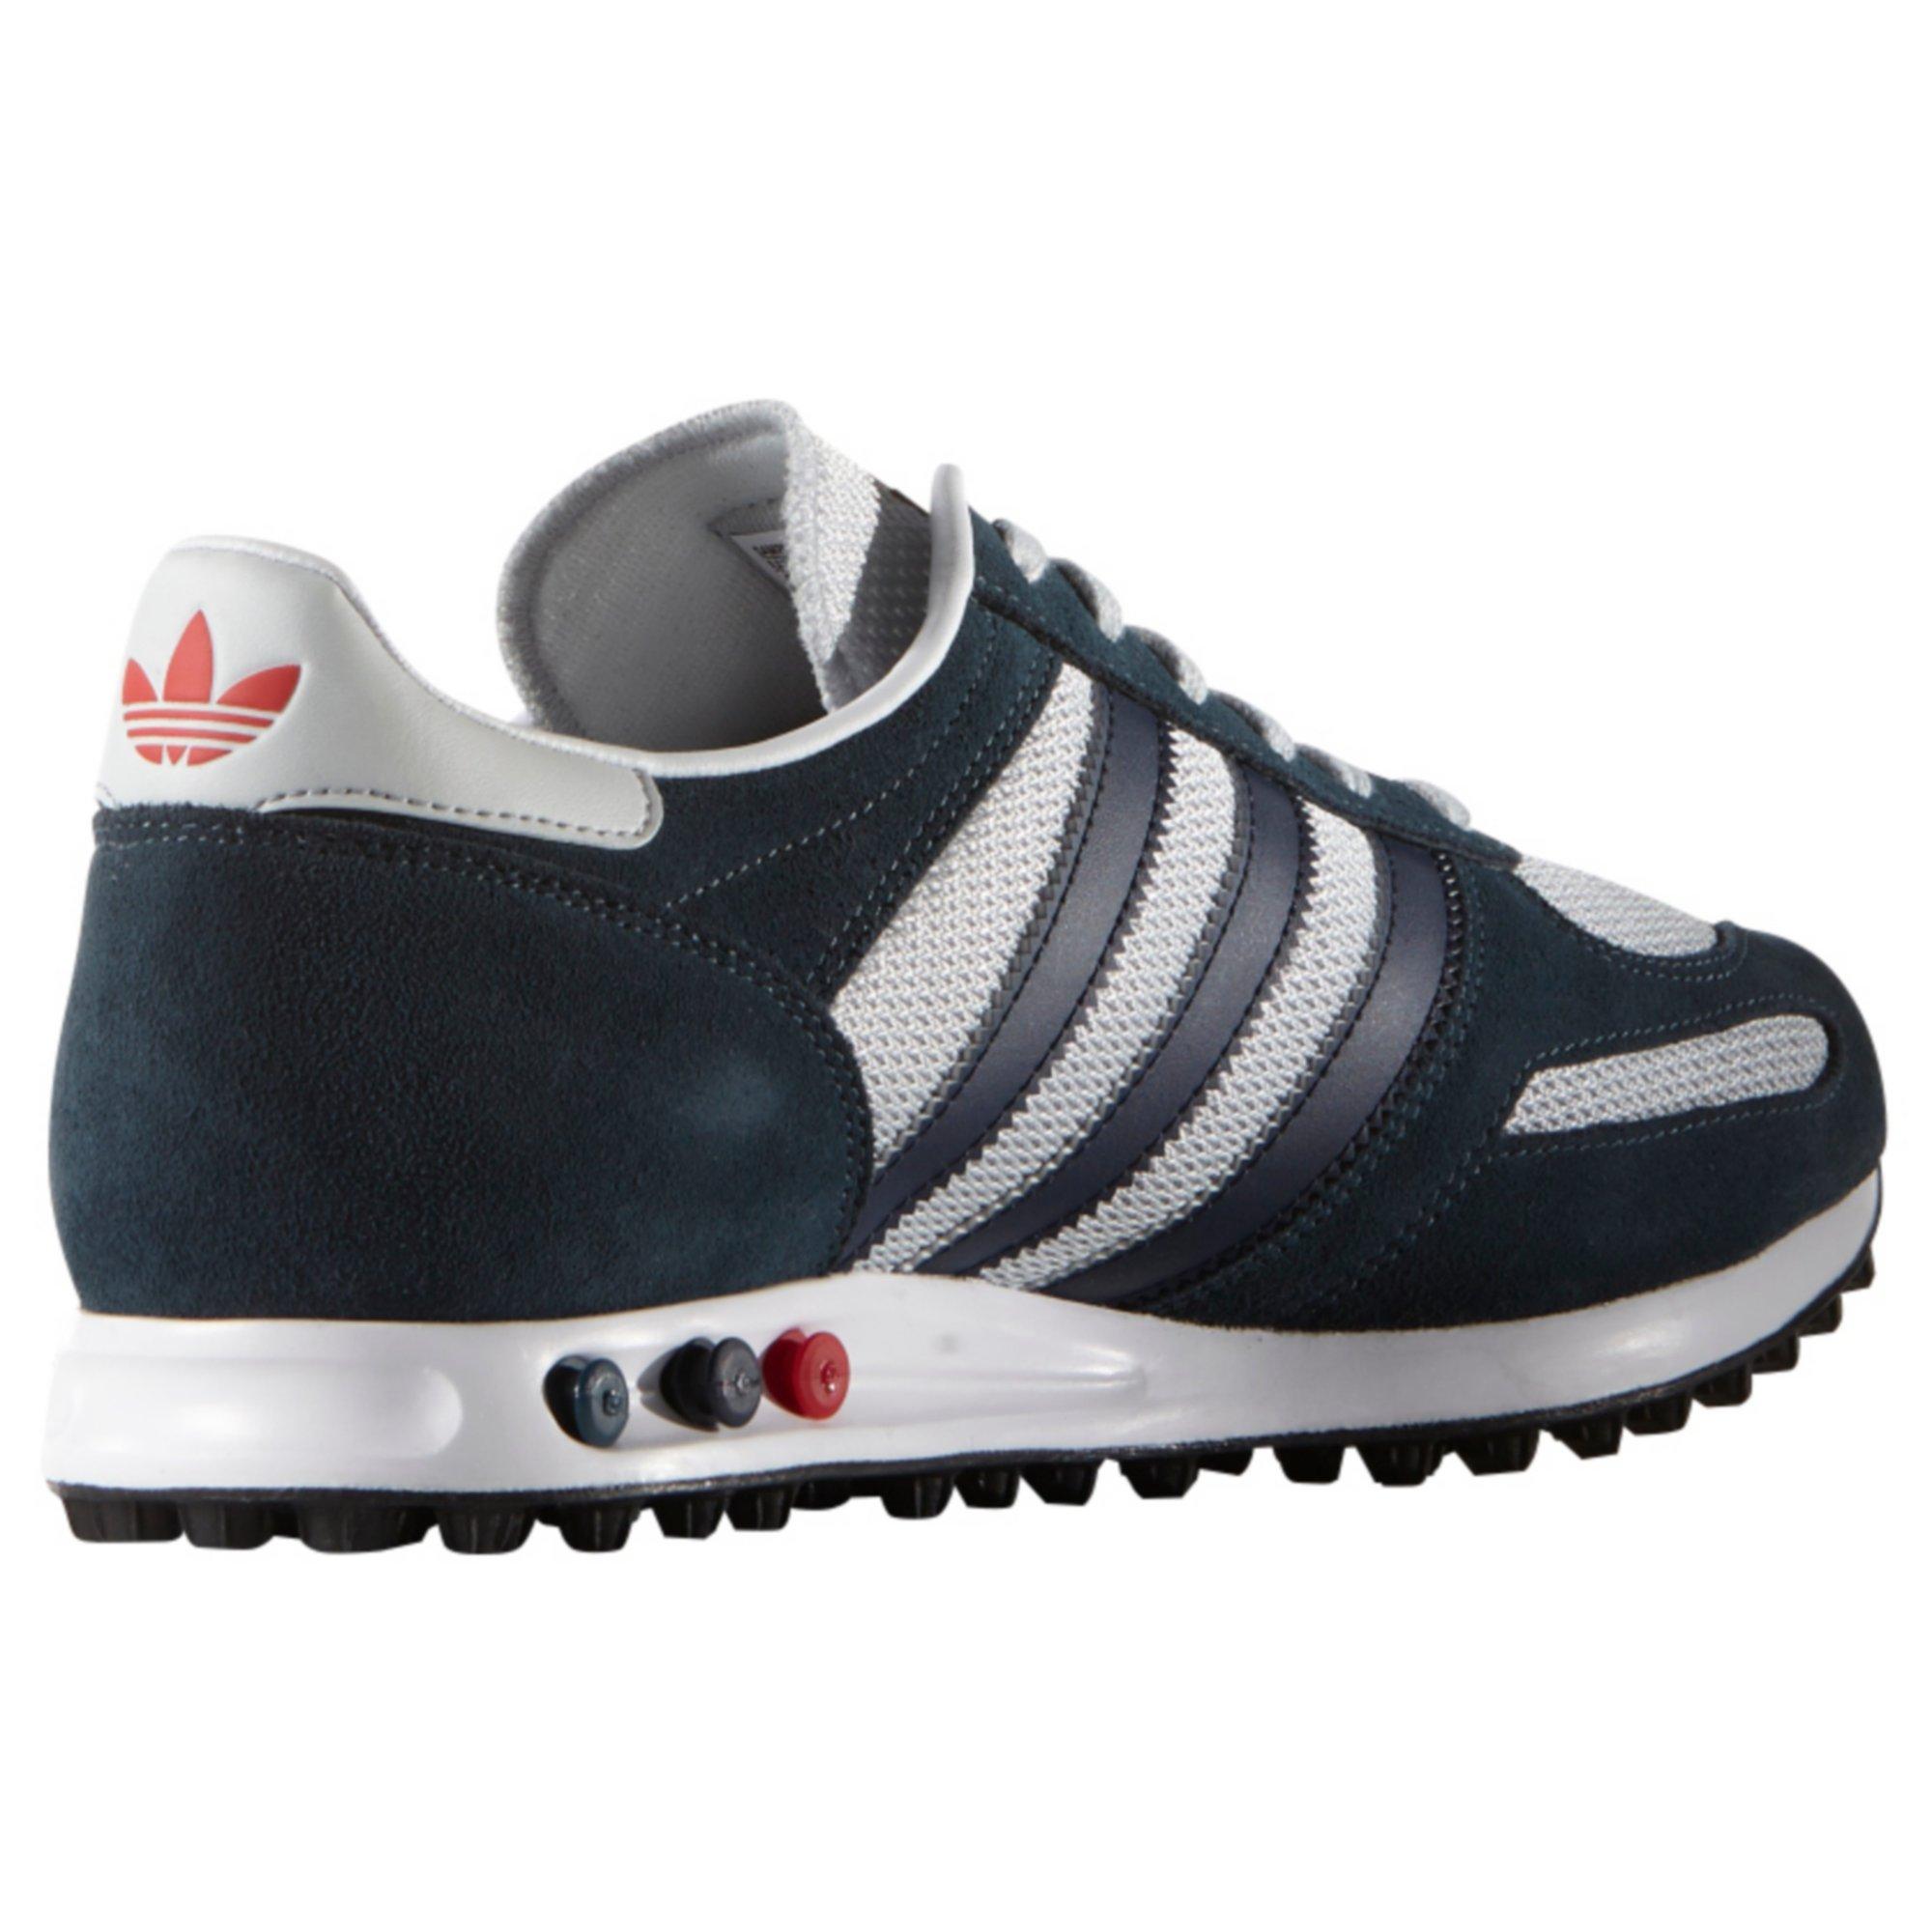 Offres Sur Homme Adidas Trainer Meilleures tFqax0w e9648e5d9d2